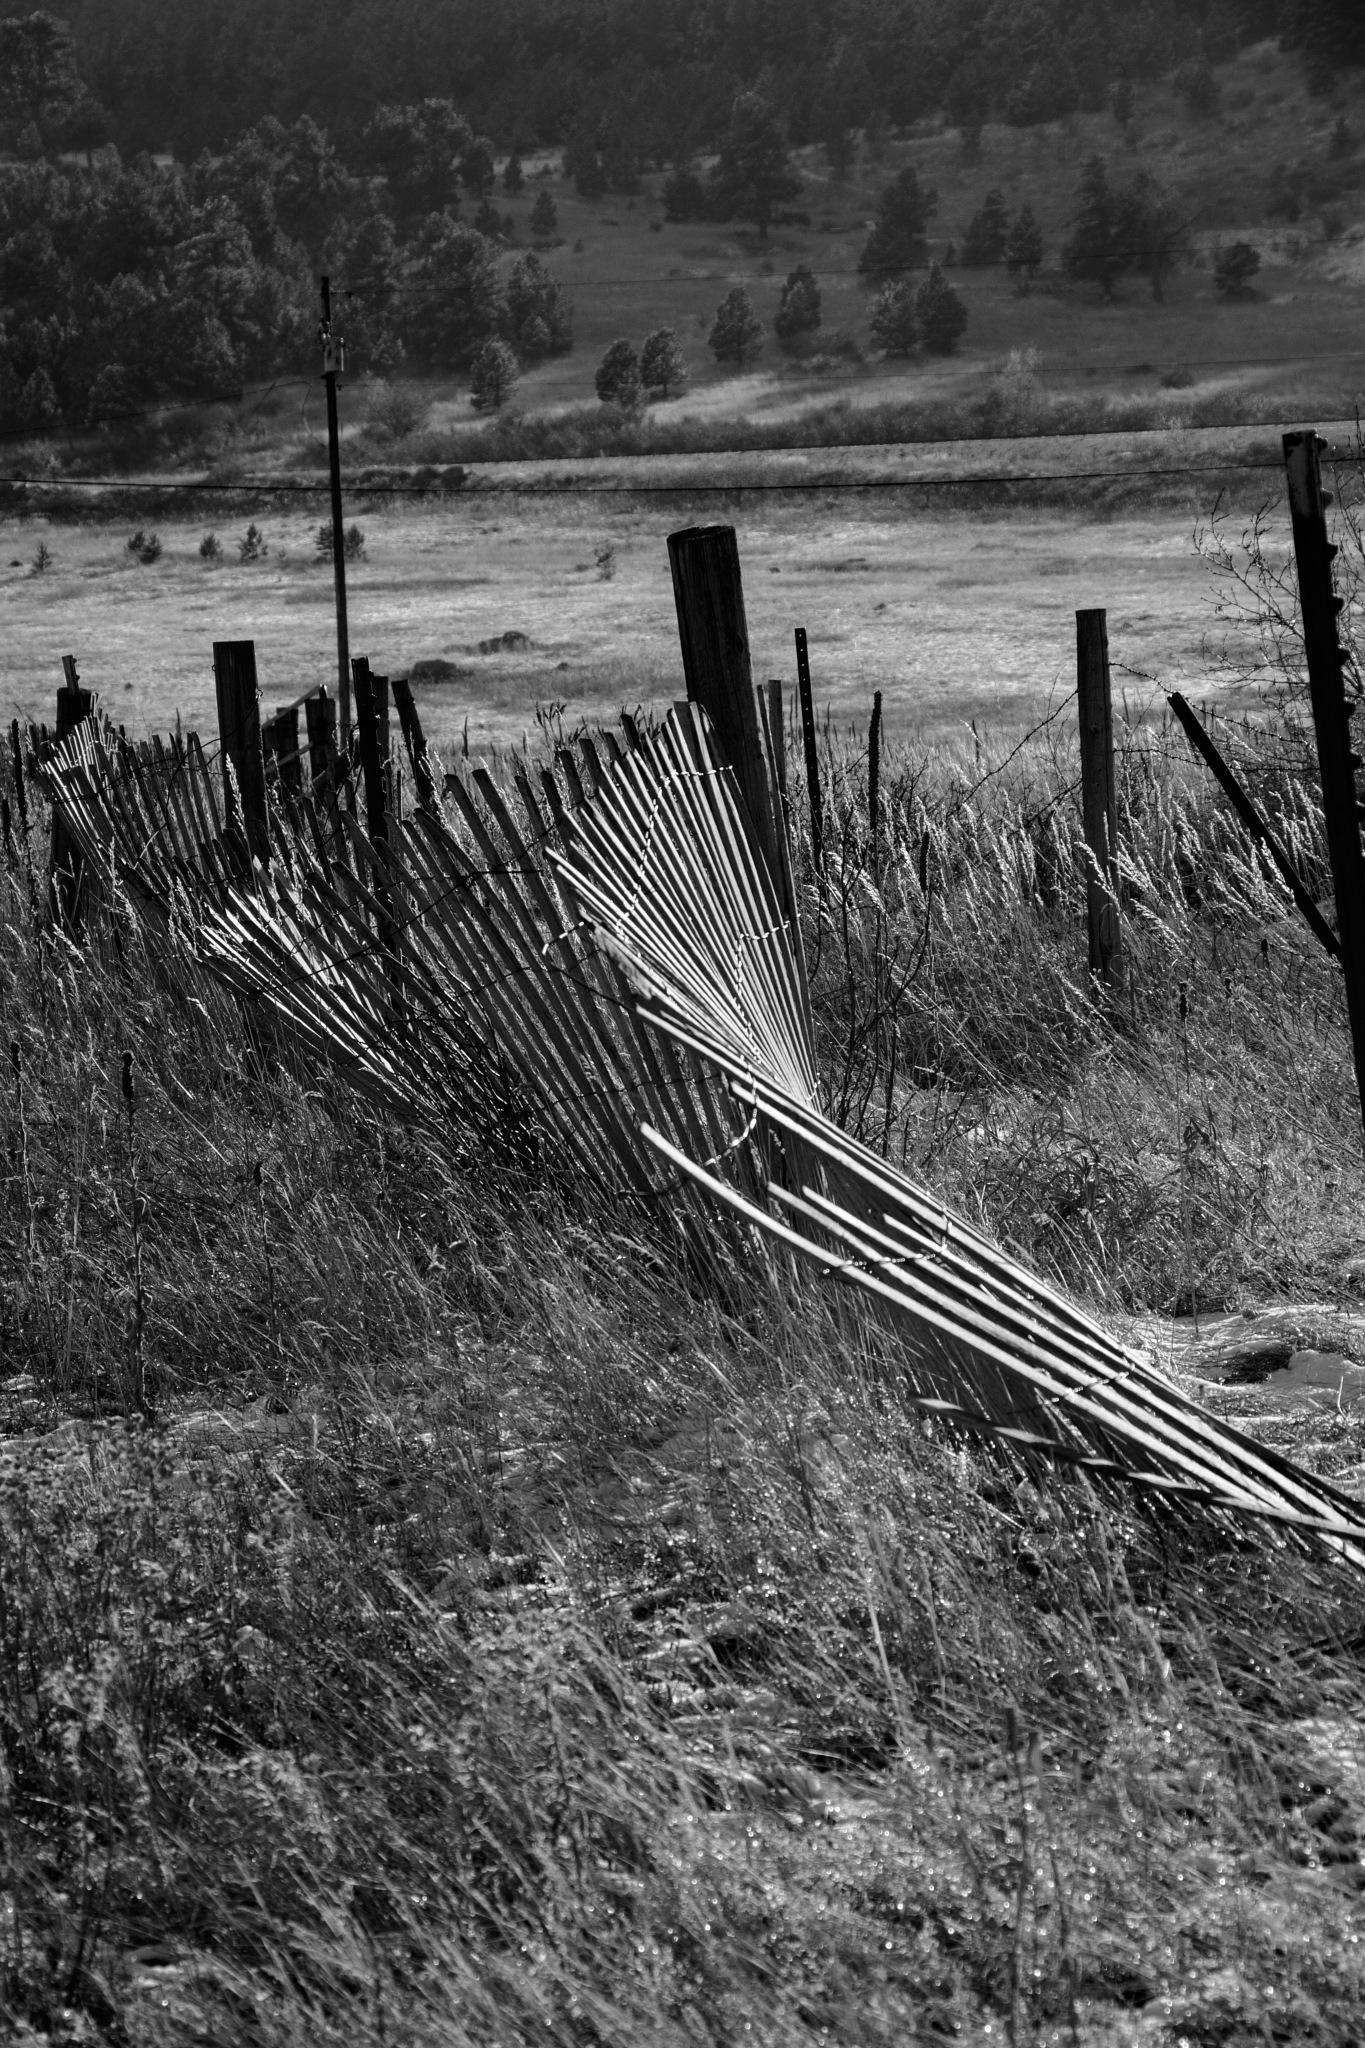 Broken Fence by Benjamin Hernandez